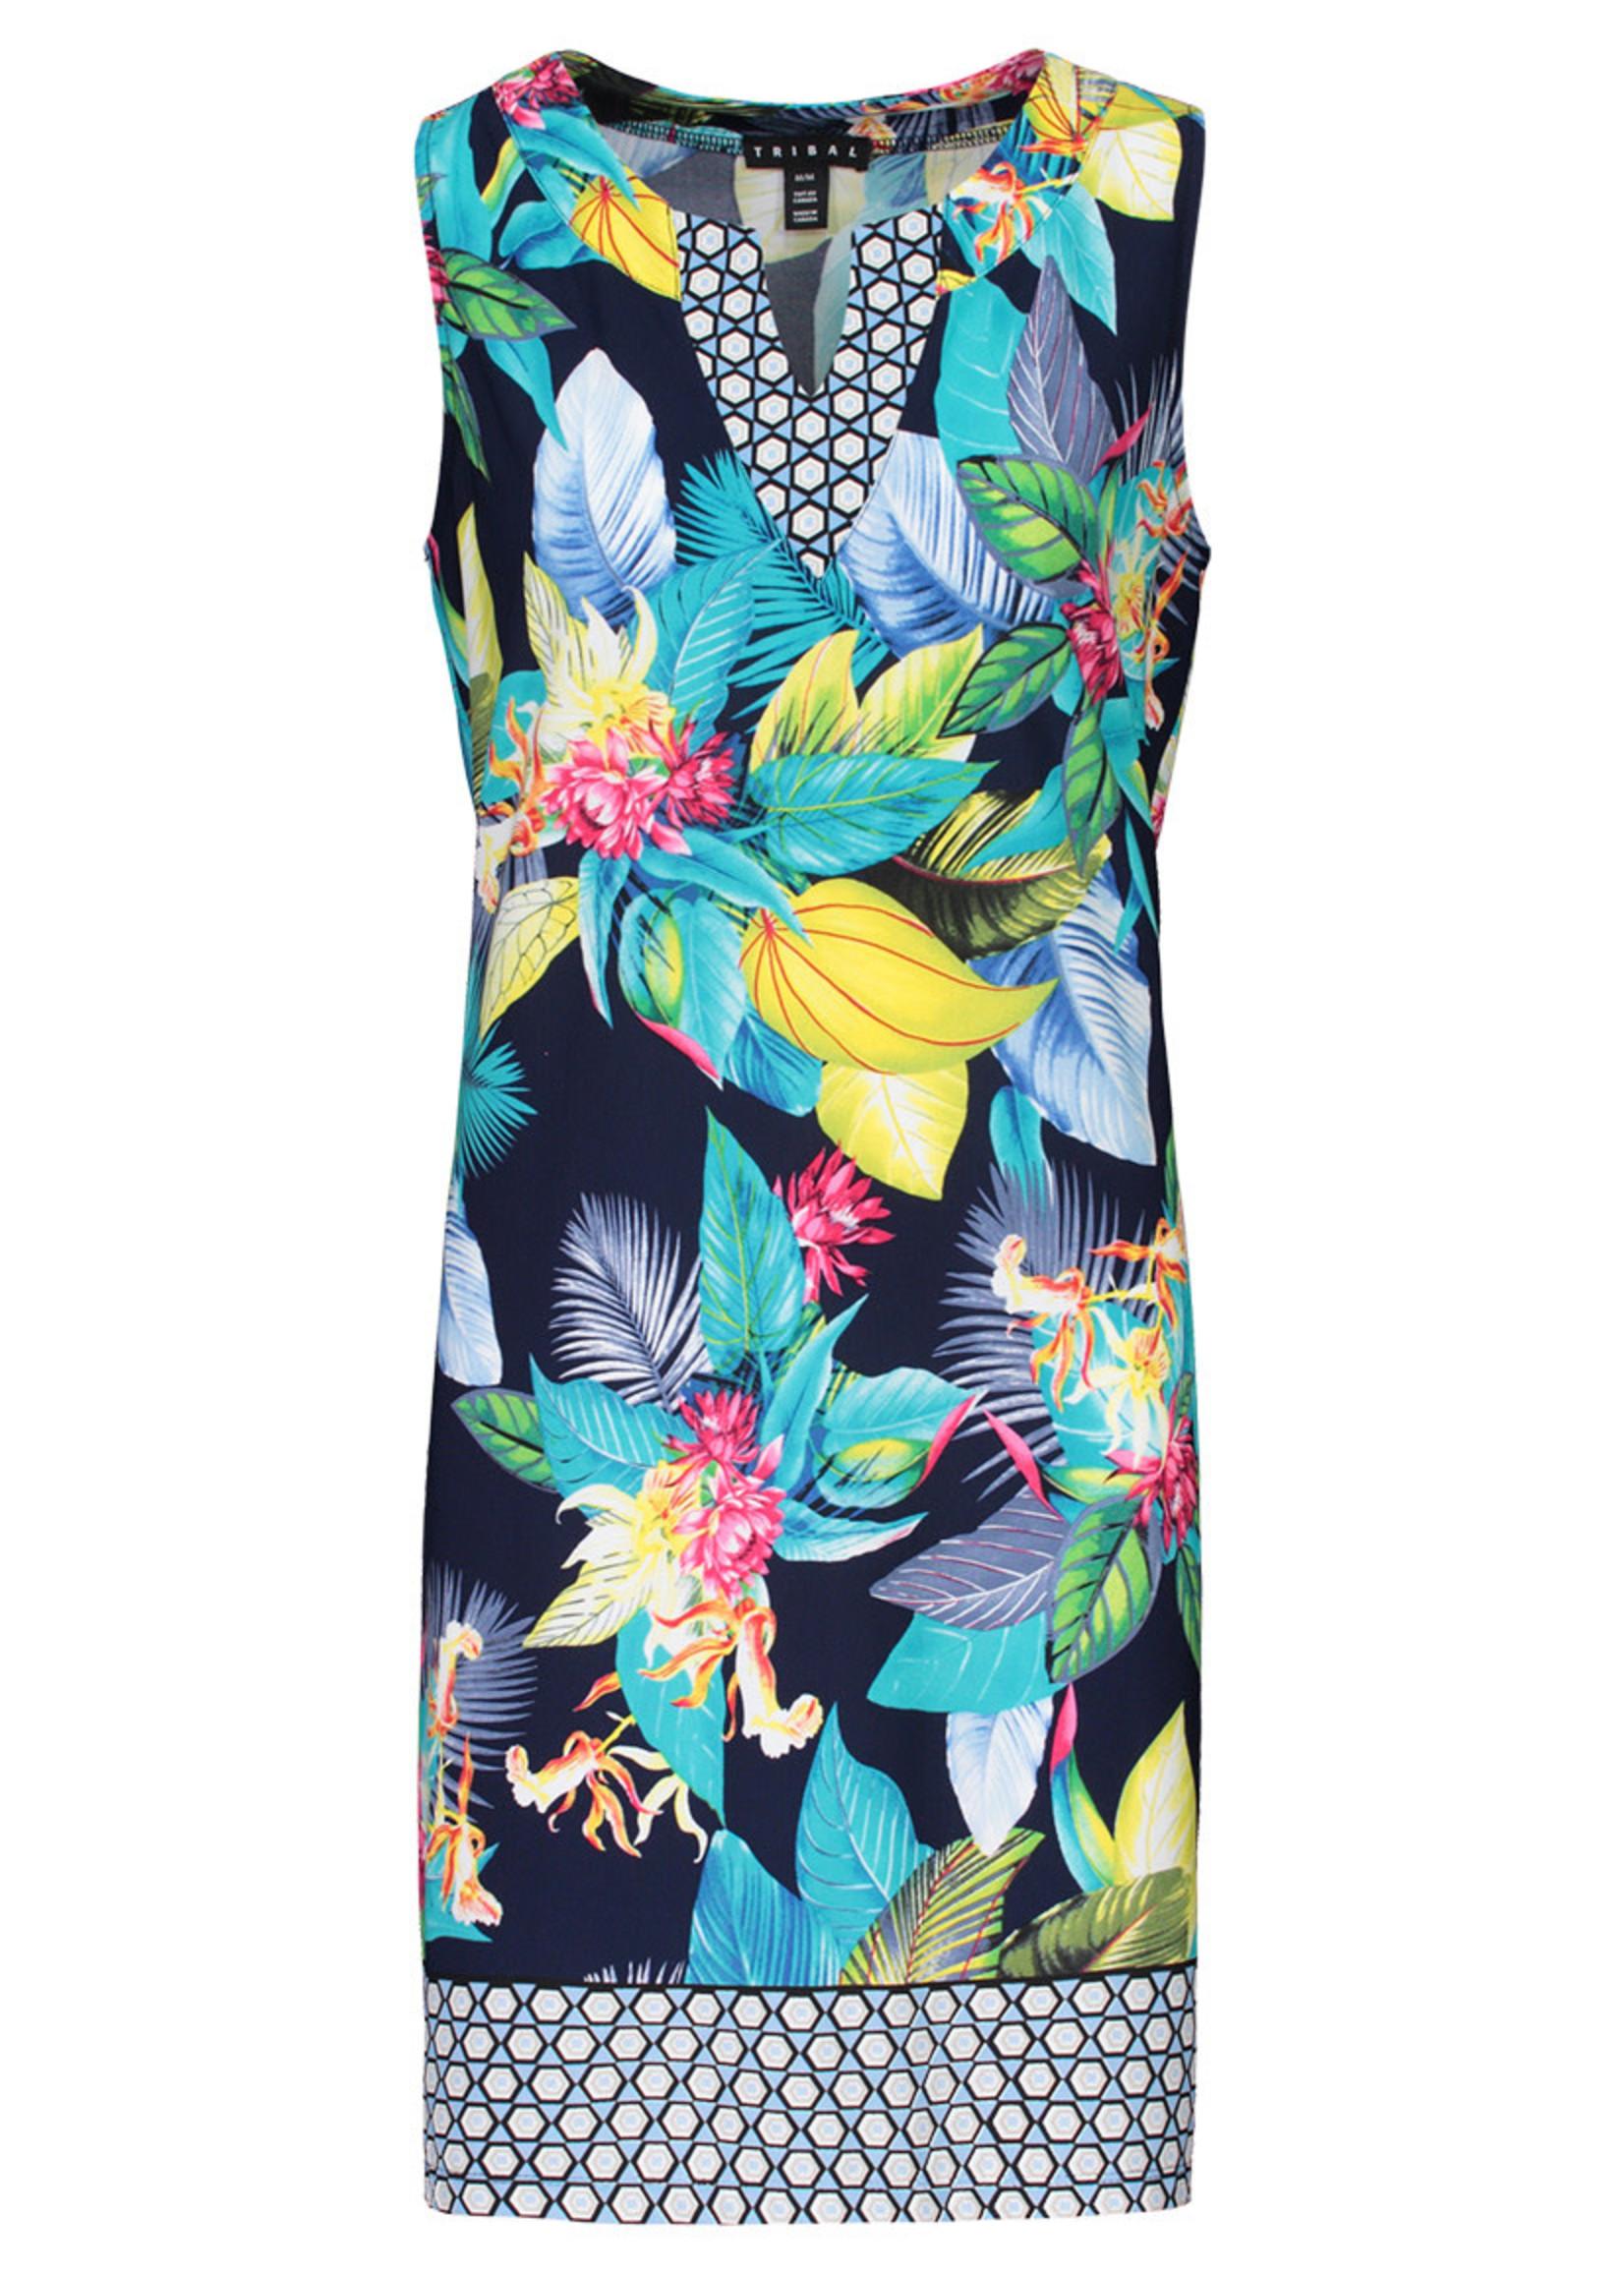 Tribal Tribal Deep Blue Notch Collar Sleeveless Dress